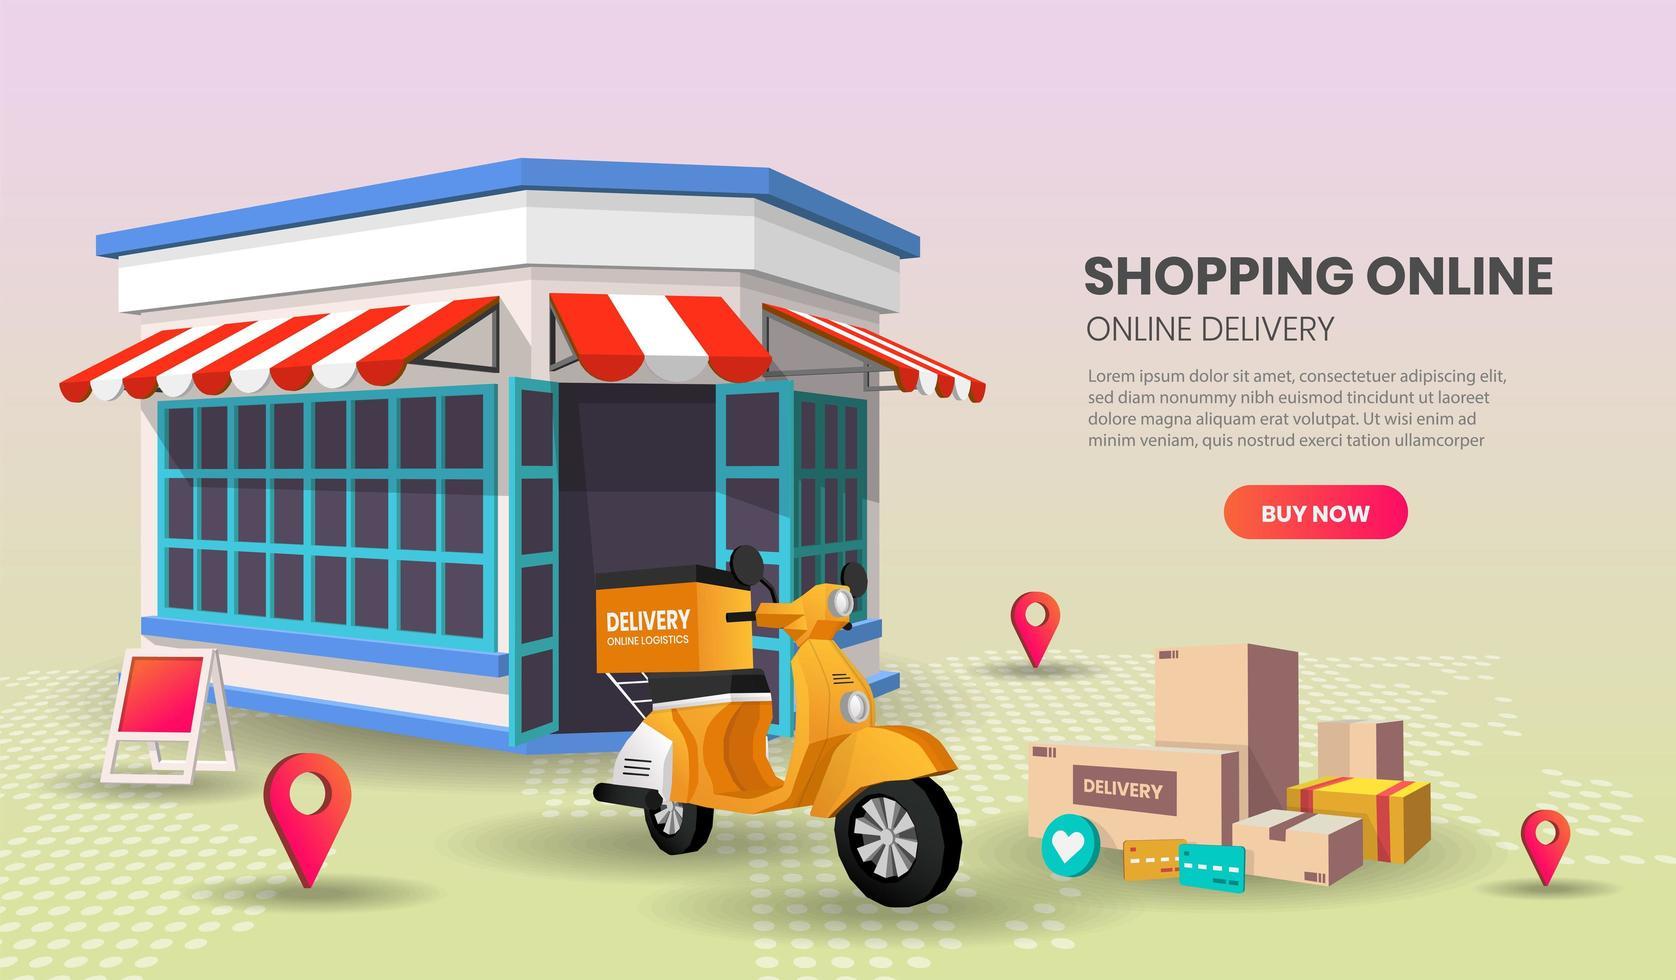 tienda minorista servicio de entrega de comida página de inicio vector